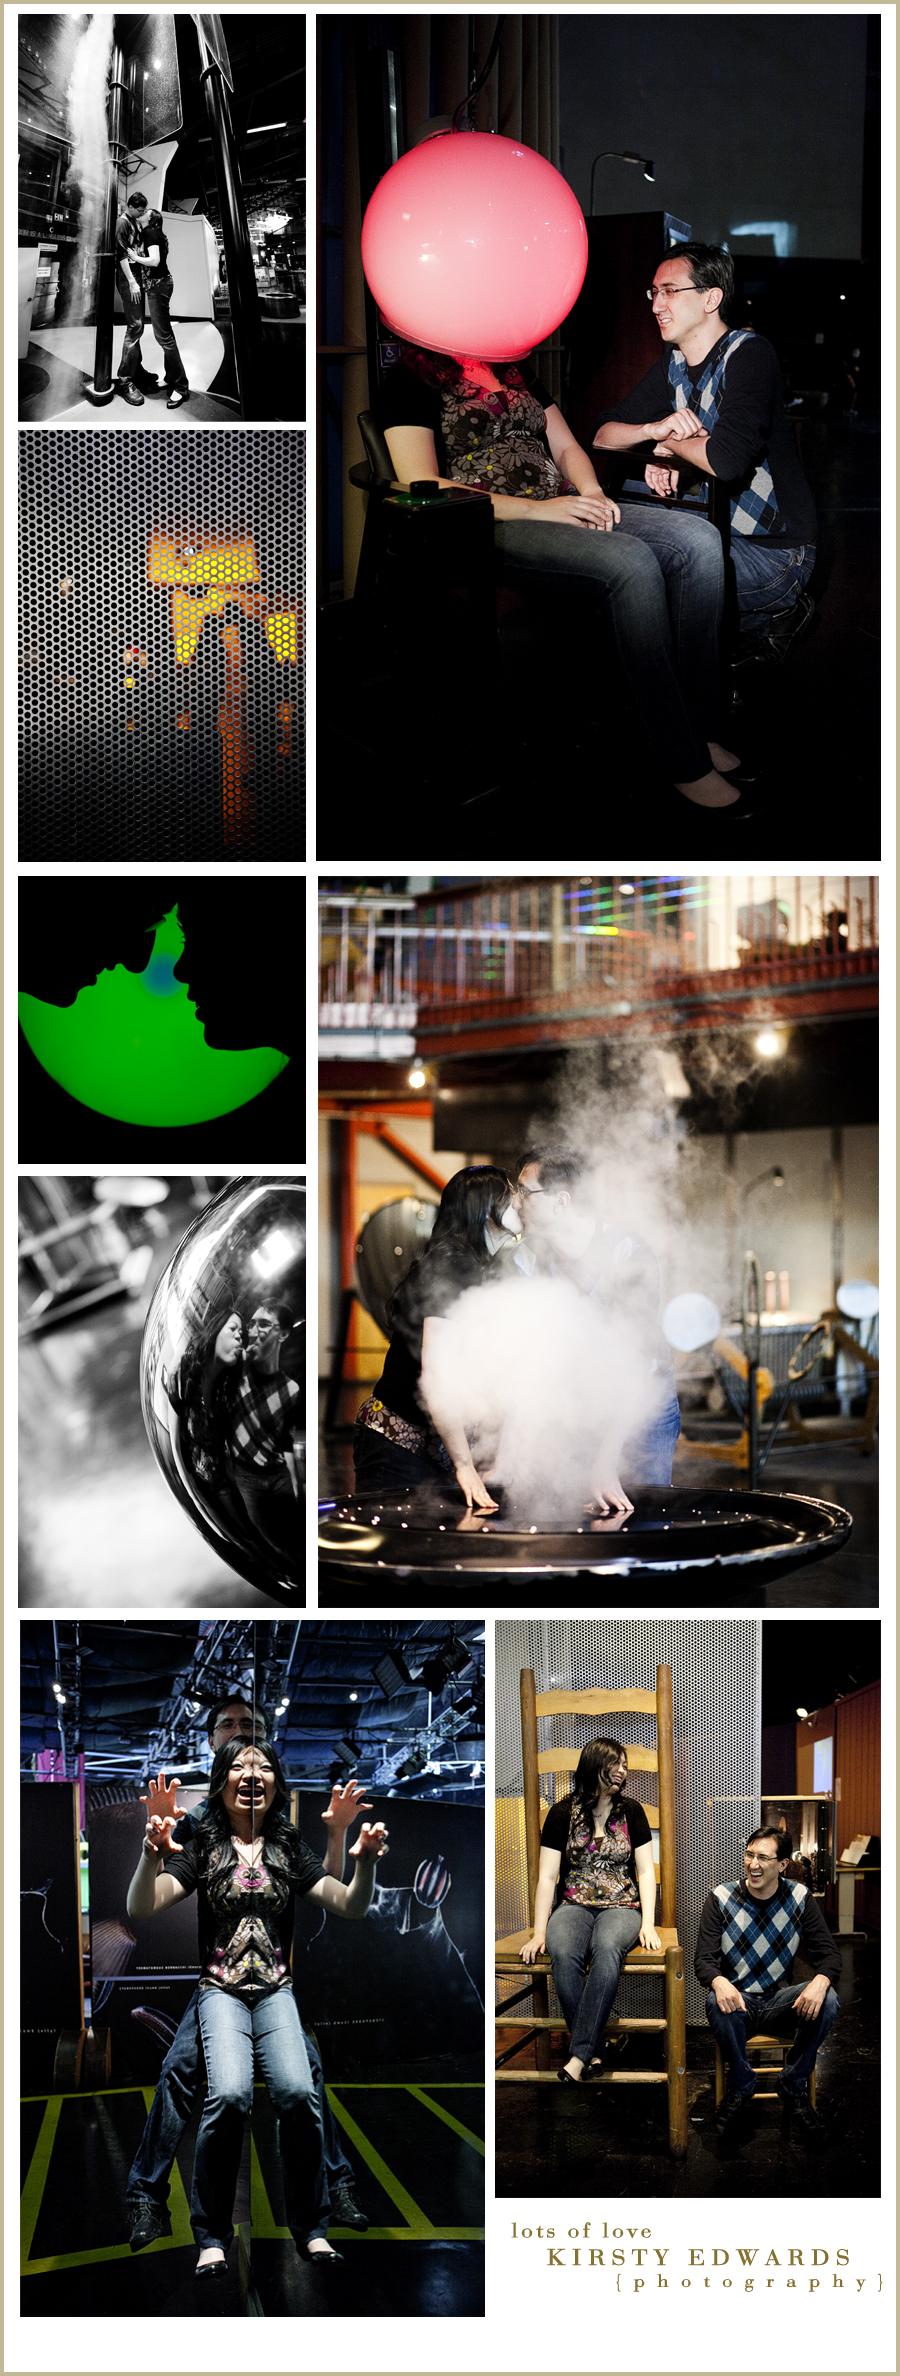 Exploratorium_KirstyEdwards_001